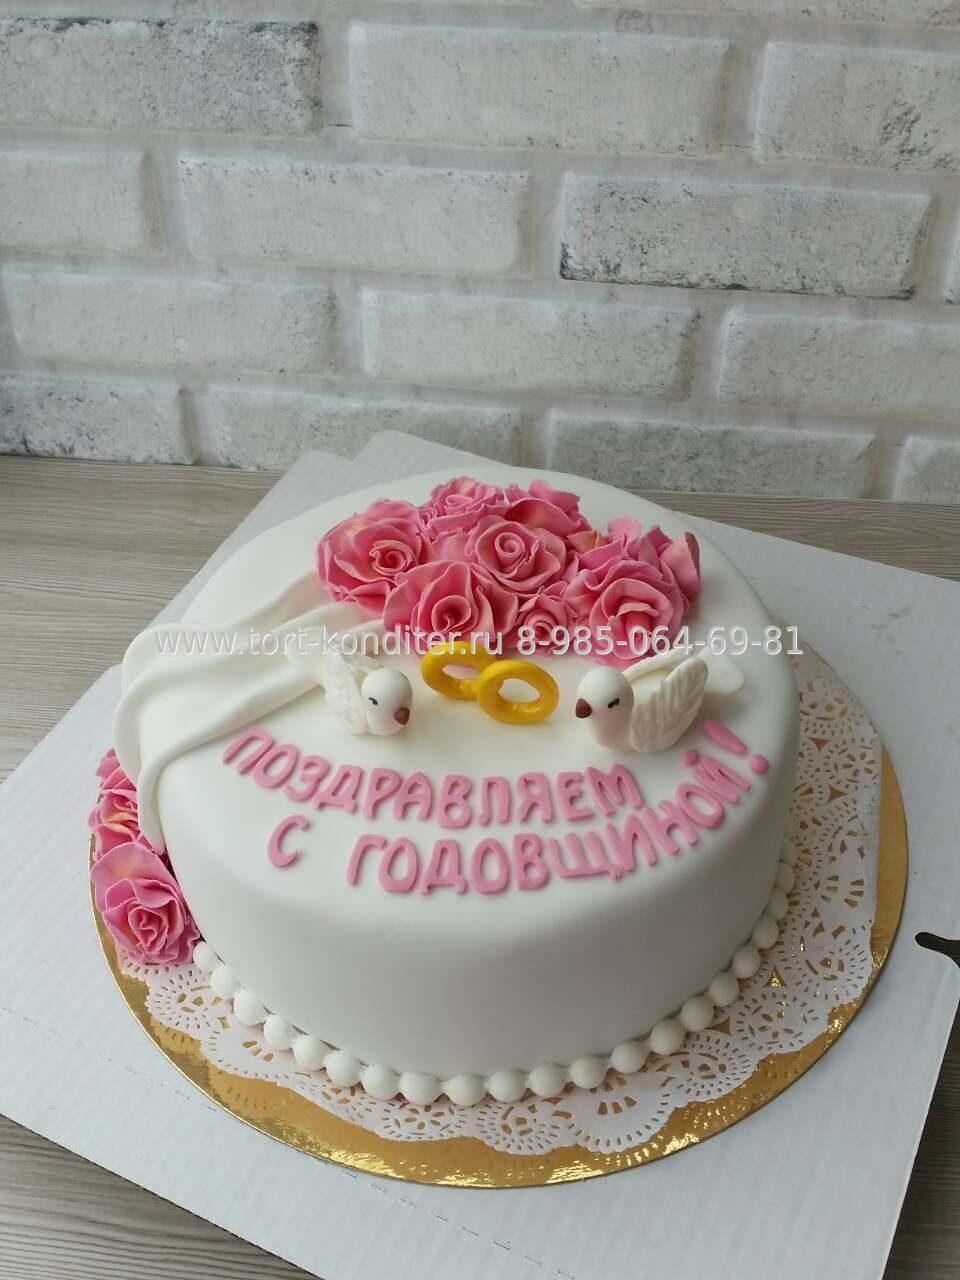 Торт на серебряную свадьбу - идеи оформления с фото 30